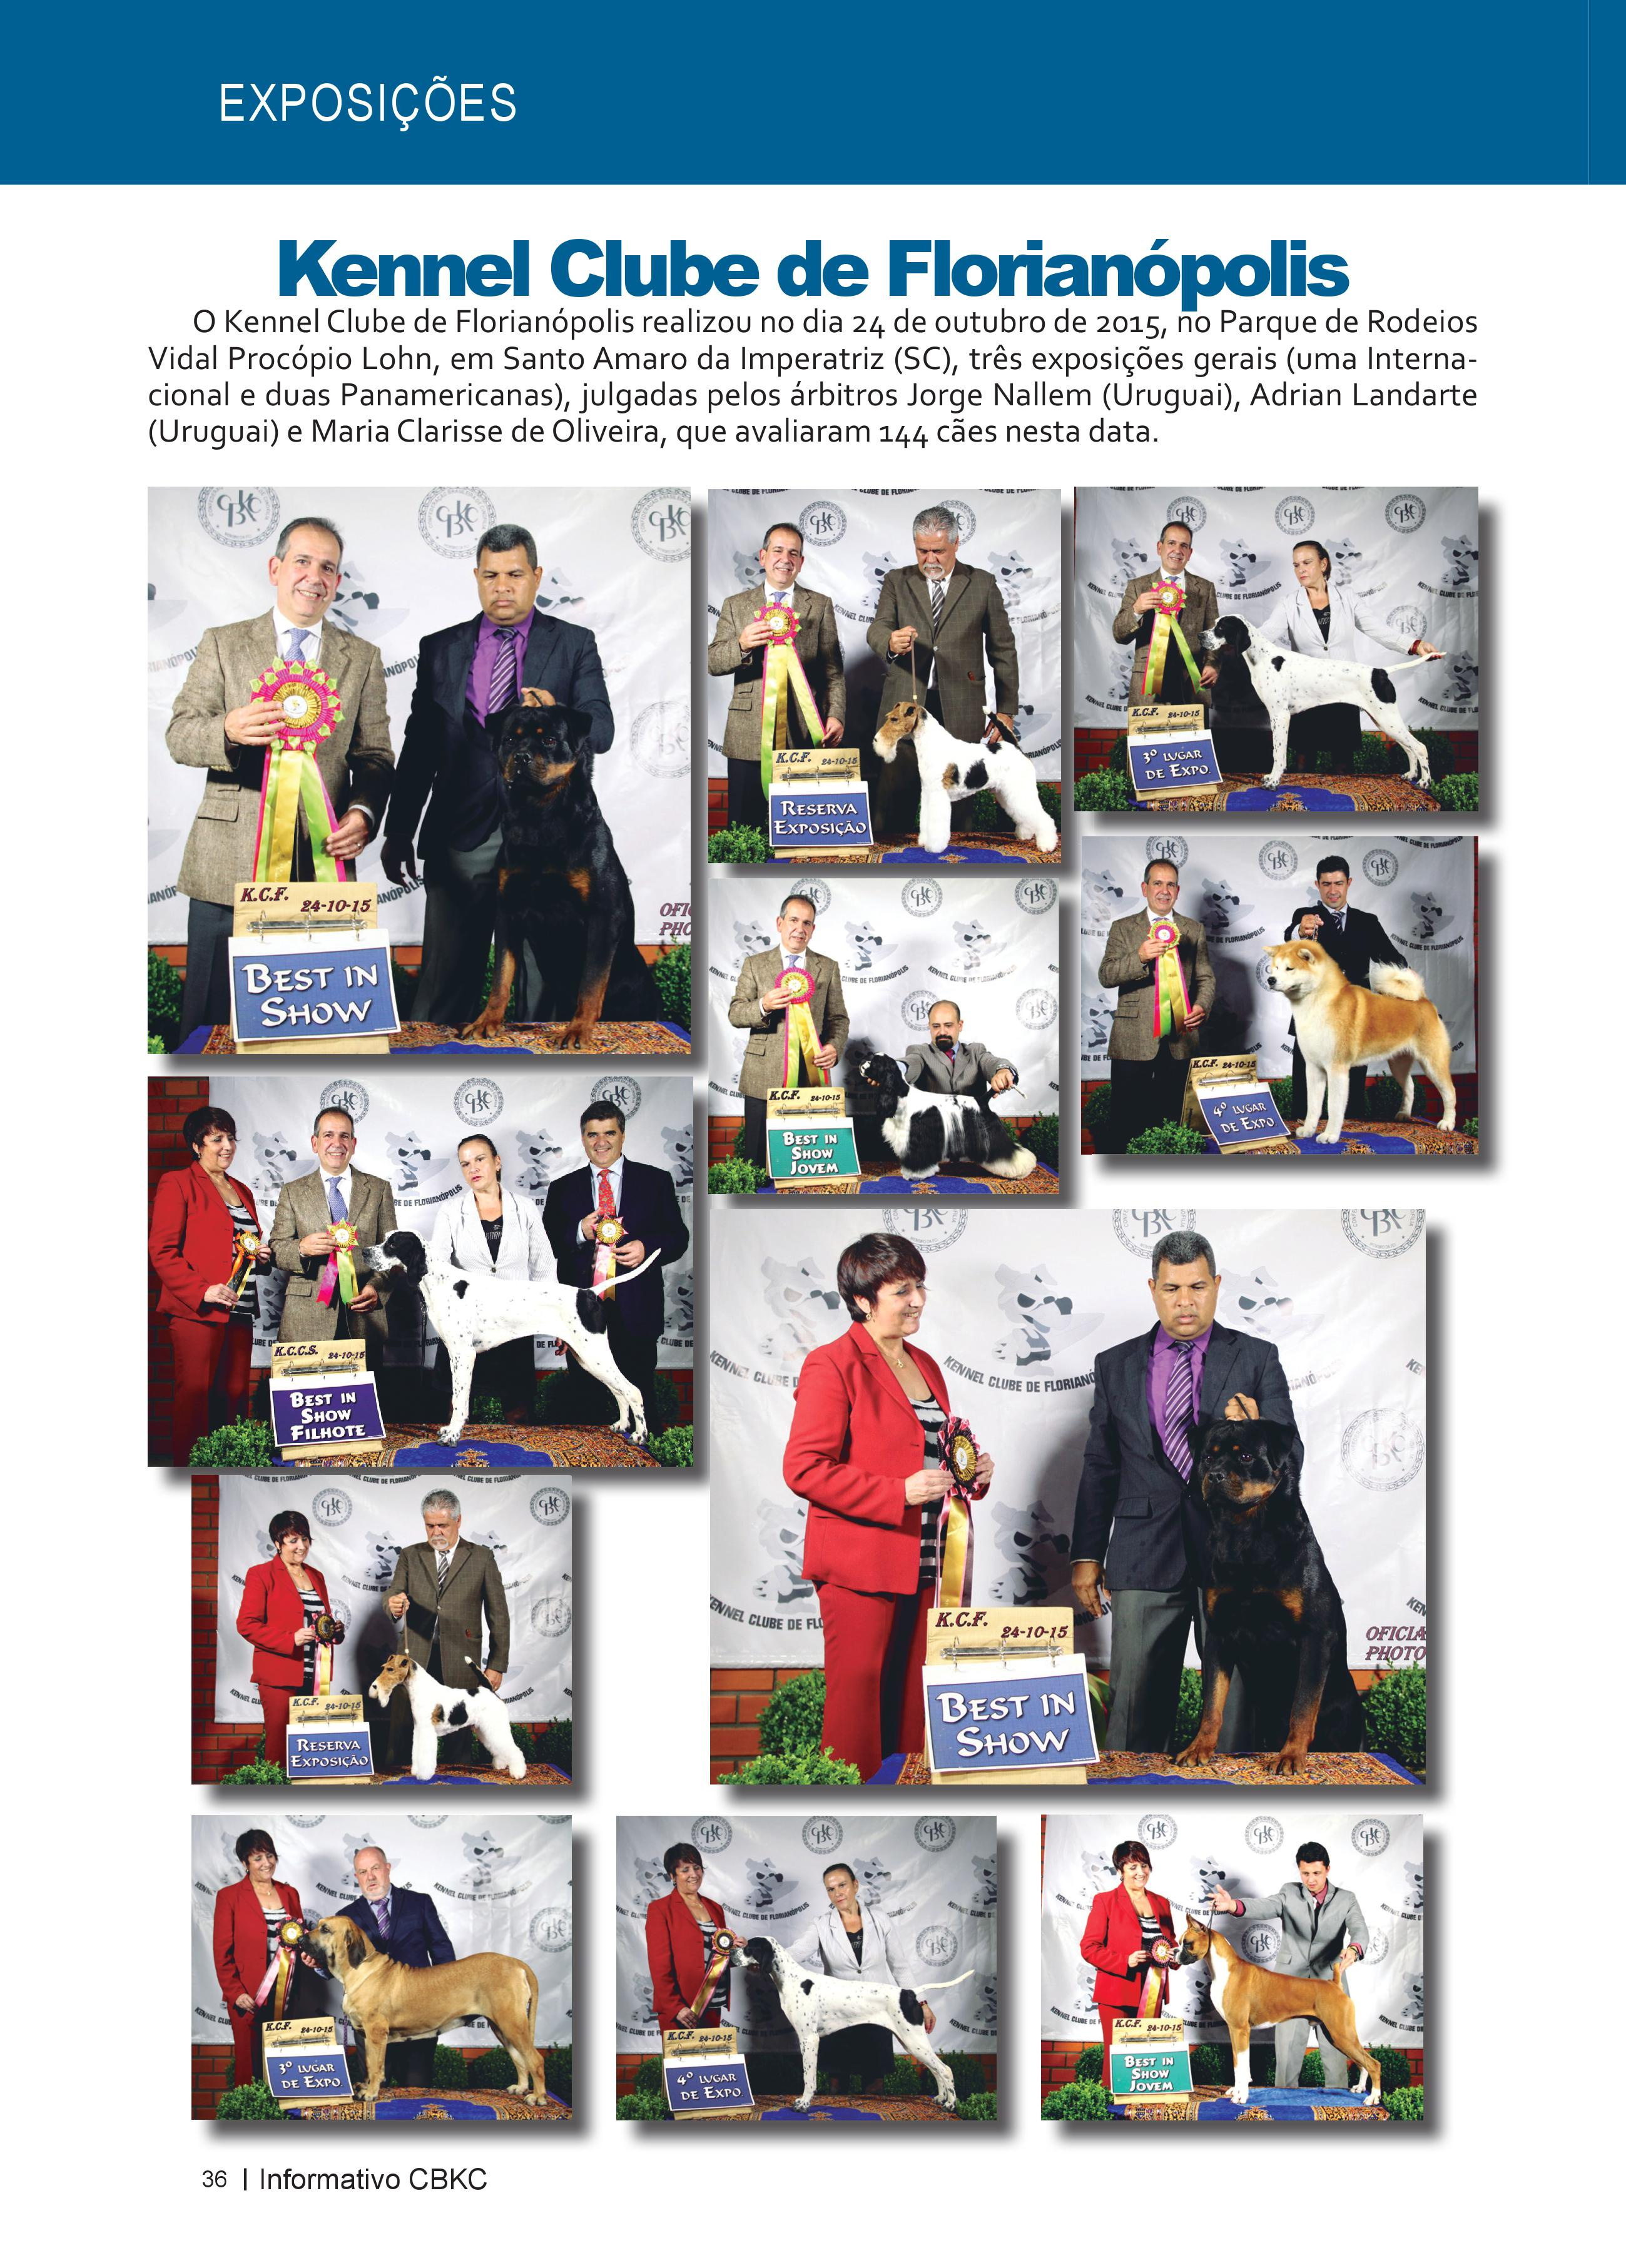 Pagina 36| Edição 51 do Informativo CBKC